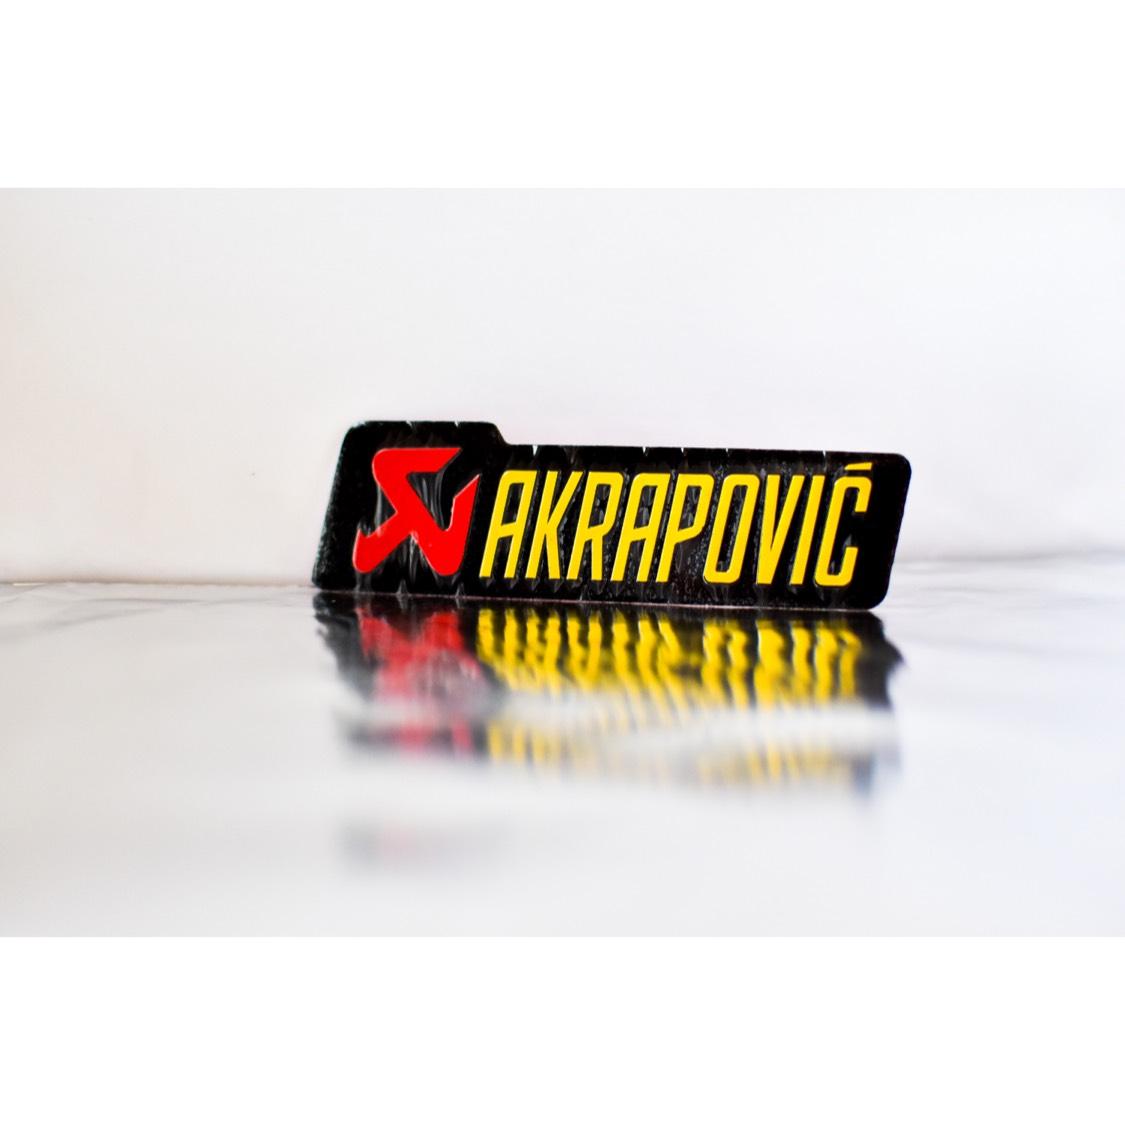 【数量限定】AKRAPOVIC アルミ耐熱 ステッカー 新品!